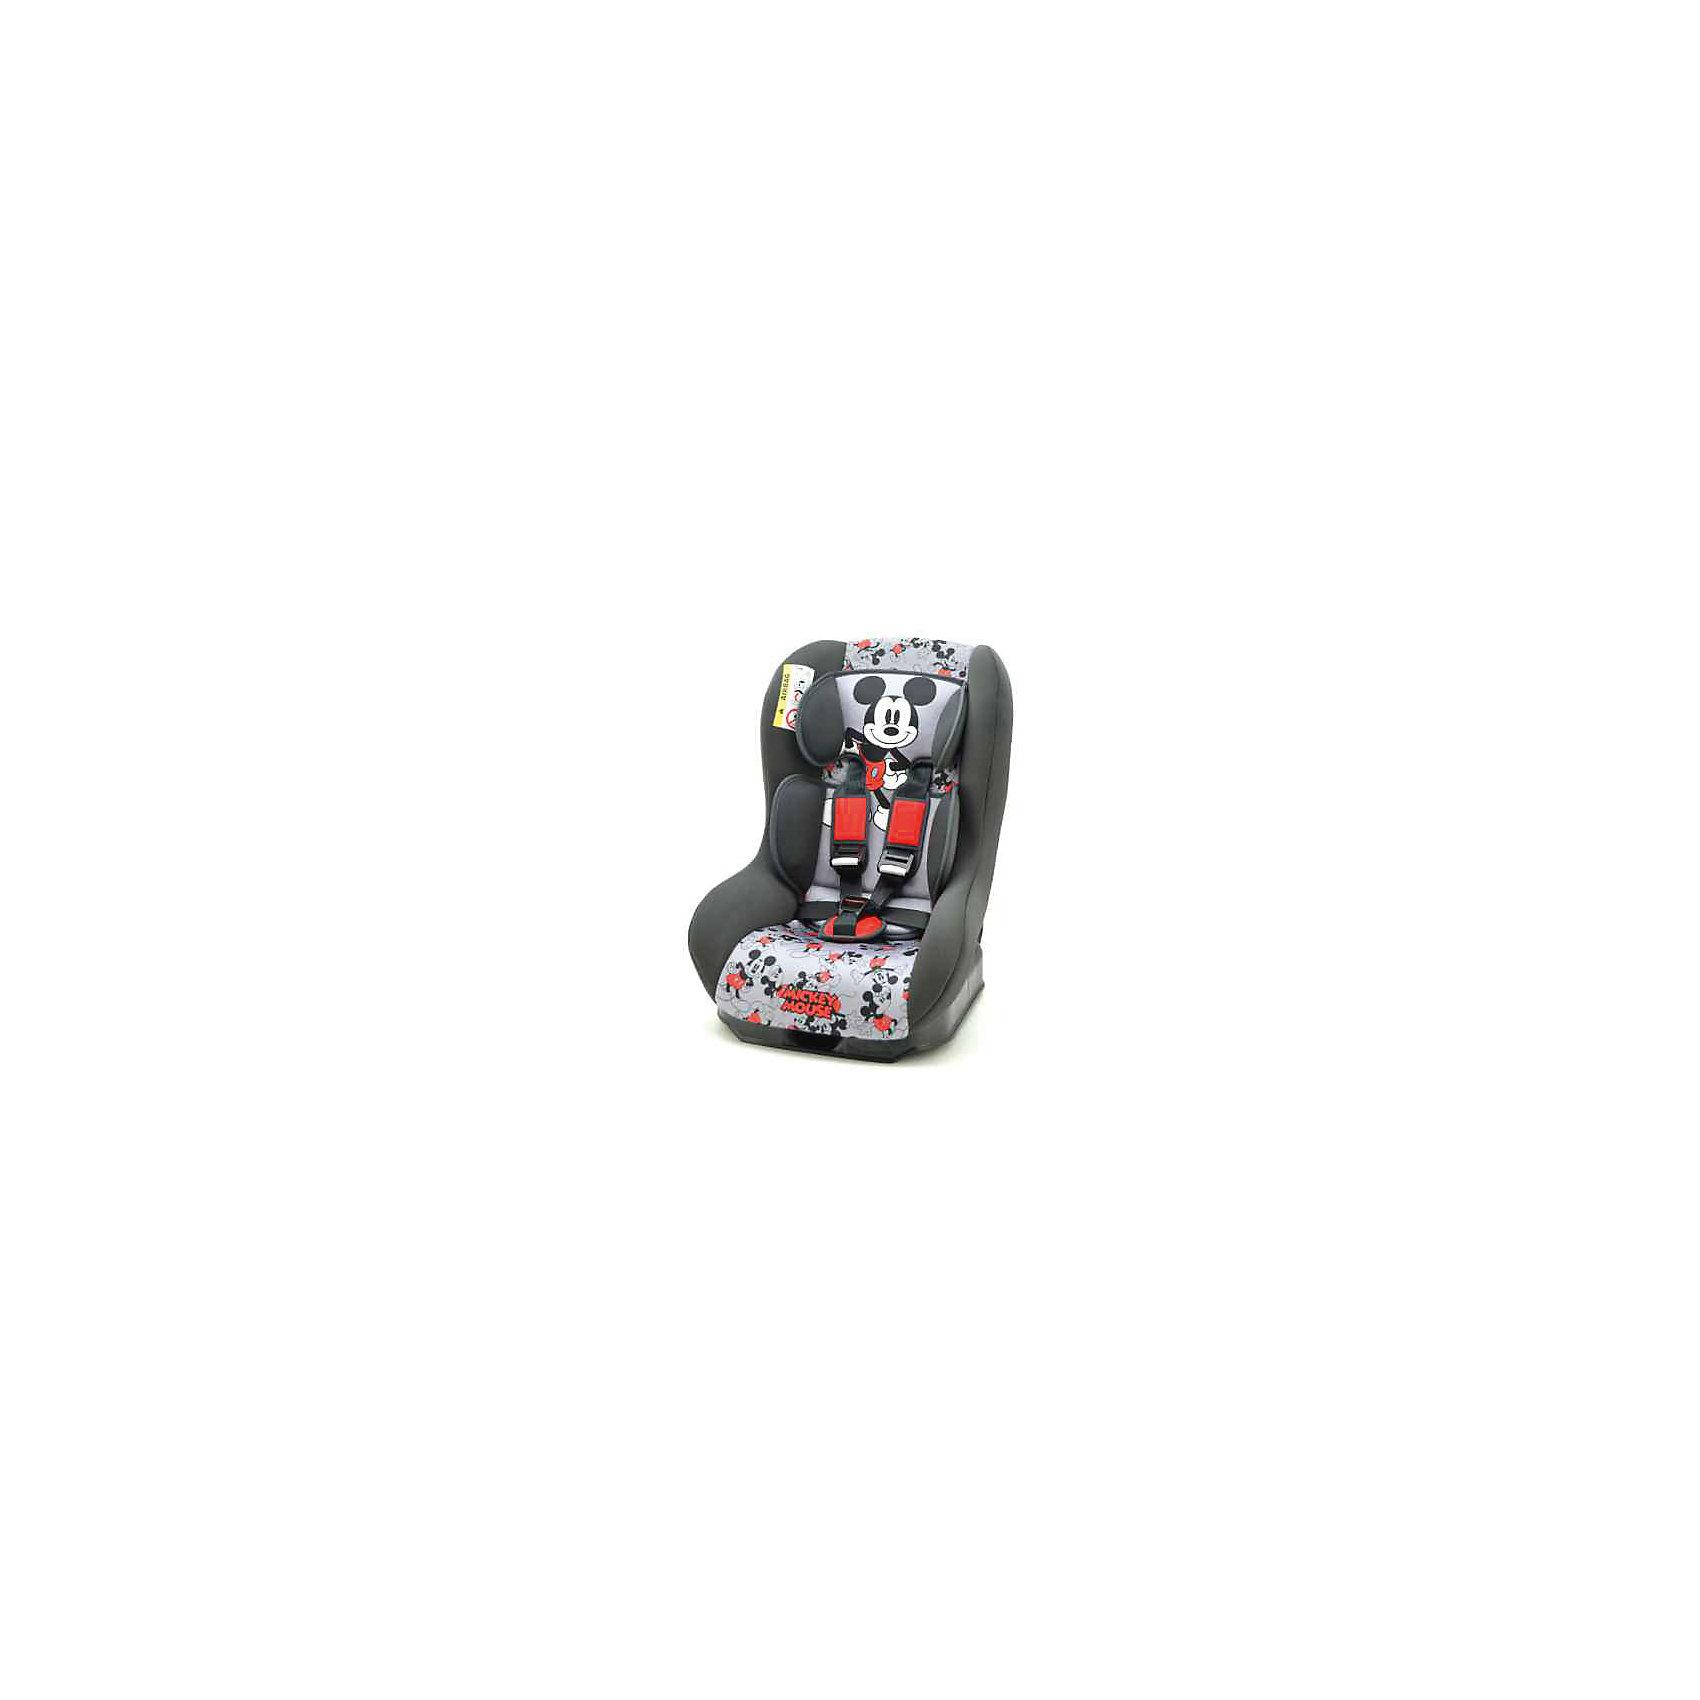 Автокресло Nania Driver 0-18 кг, mickey mouse, Disney